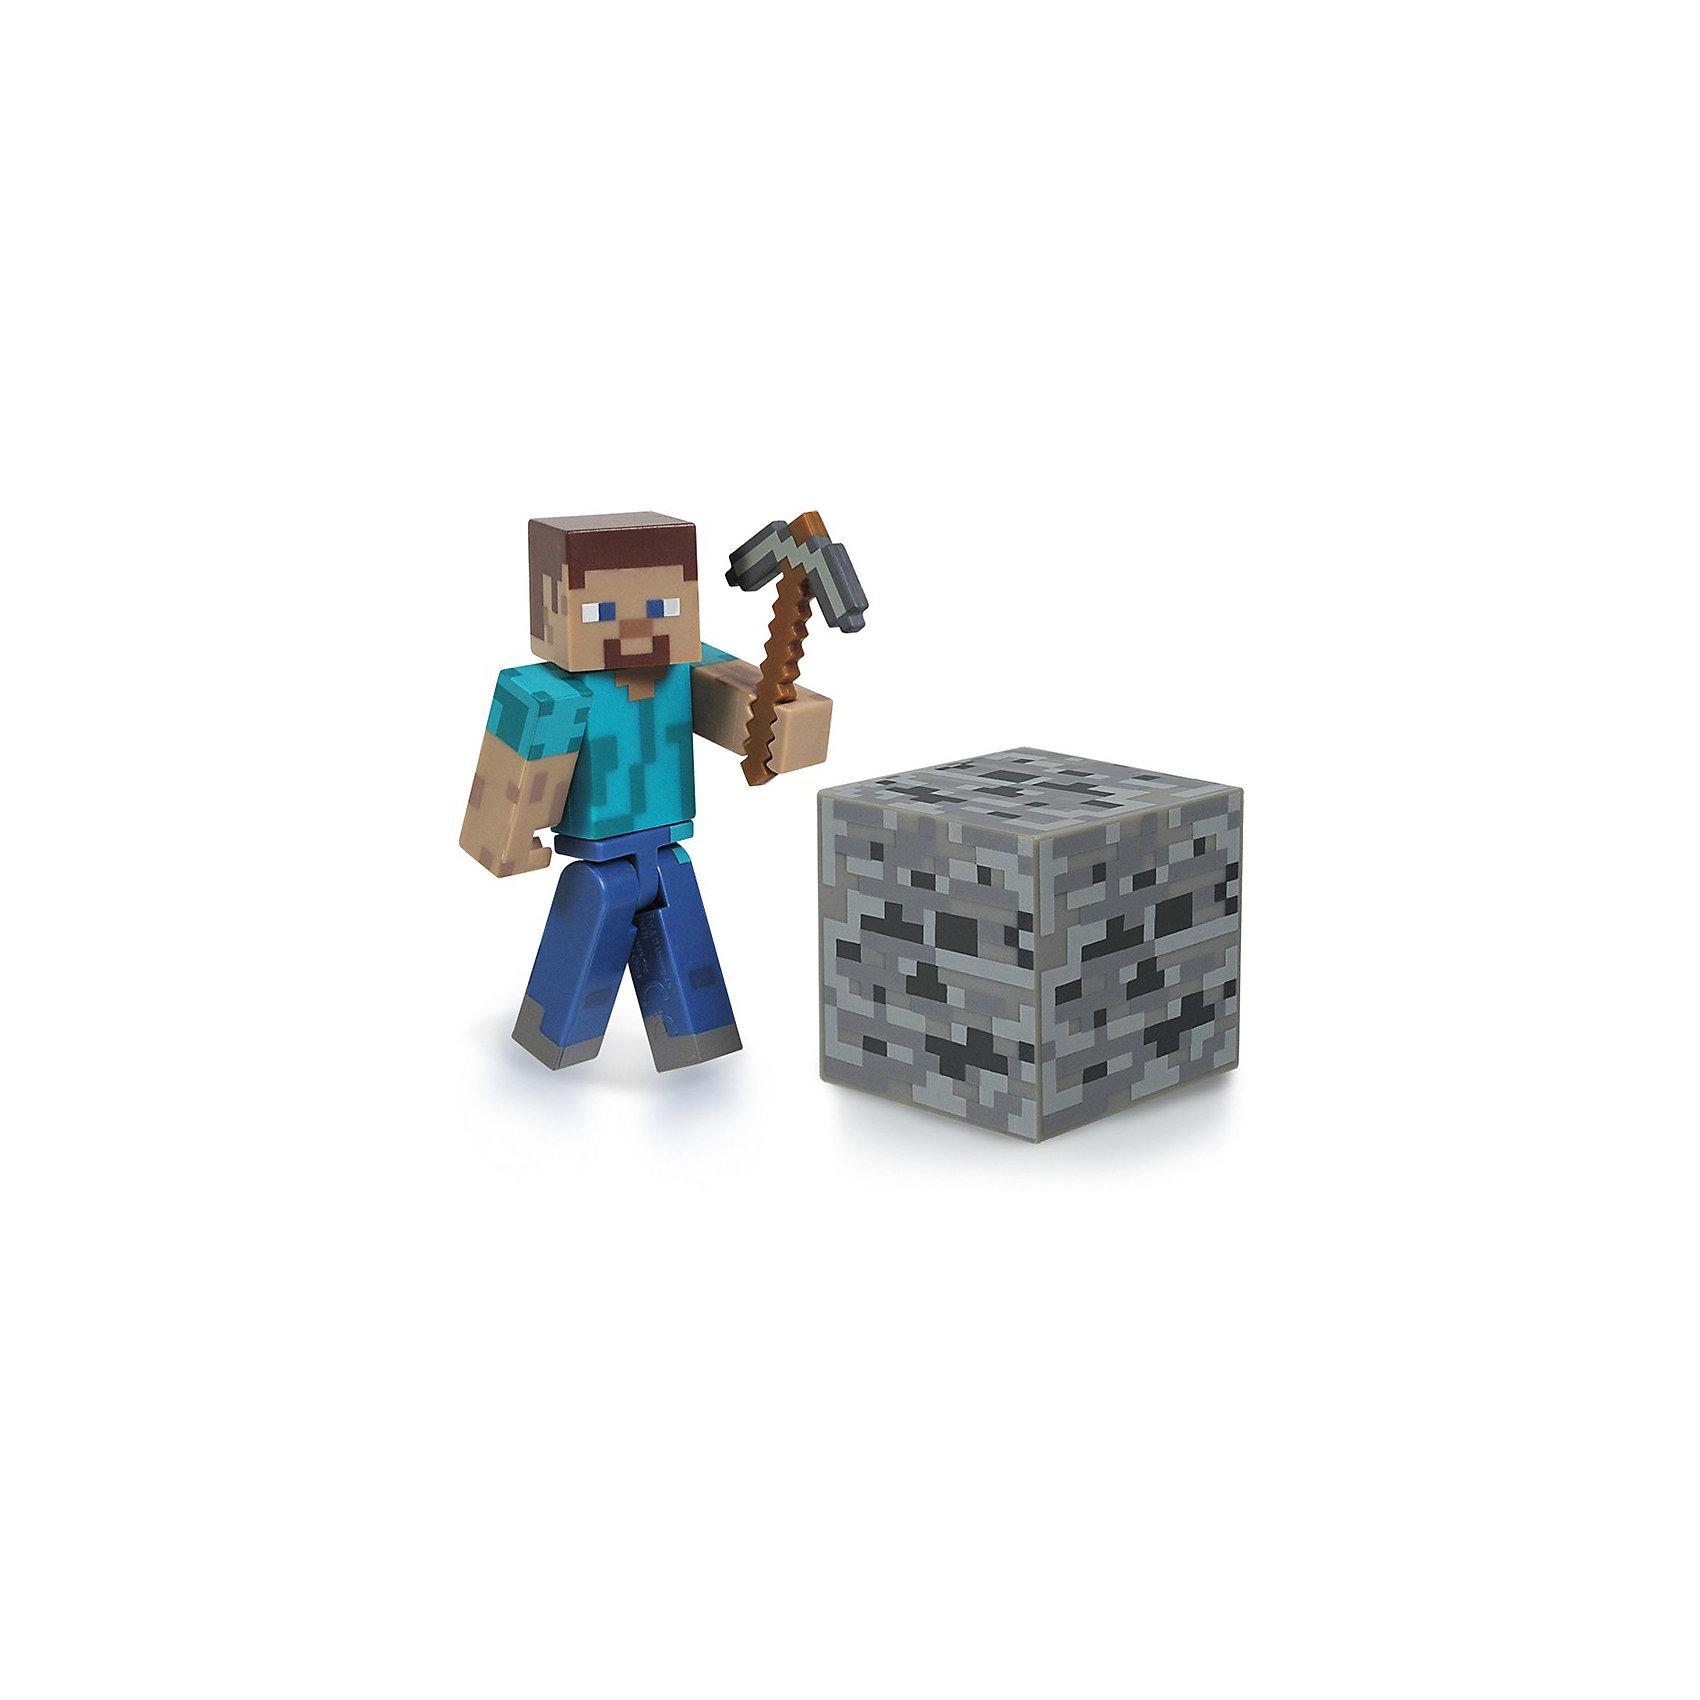 Фигурка Стив, 8см, MinecraftИгрок Steve, с аксессуарами, 8 см, Minecraft (Майнкрафт) - фигурка из виртуального мира Minecraft. Игрушка изображает игрока Стиви, который выглядит точно так же, как и в компьютерной игре. Фигурка выполнена из высококачественного материала. В комплекте  с  игрушкой- кирка, главный инструмент копателя и блок- кубик. Собери всех участников игры и создай свой мир Minecraft.<br><br>Дополнительная информация:<br><br>- Цвет: синий, голубой, коричневый, серый<br>- Высота: 8 см<br>- Материал: пластик<br>- Подвижные руки, ноги и голова<br>- Комплектация: фигурка, кирка, блок-кубик<br><br>Игрока Steve, с аксессуарами, 8 см, Minecraft (Майнкрафт)  можно купить в нашем магазине.<br><br>Ширина мм: 183<br>Глубина мм: 146<br>Высота мм: 53<br>Вес г: 74<br>Возраст от месяцев: 72<br>Возраст до месяцев: 120<br>Пол: Мужской<br>Возраст: Детский<br>SKU: 3712315